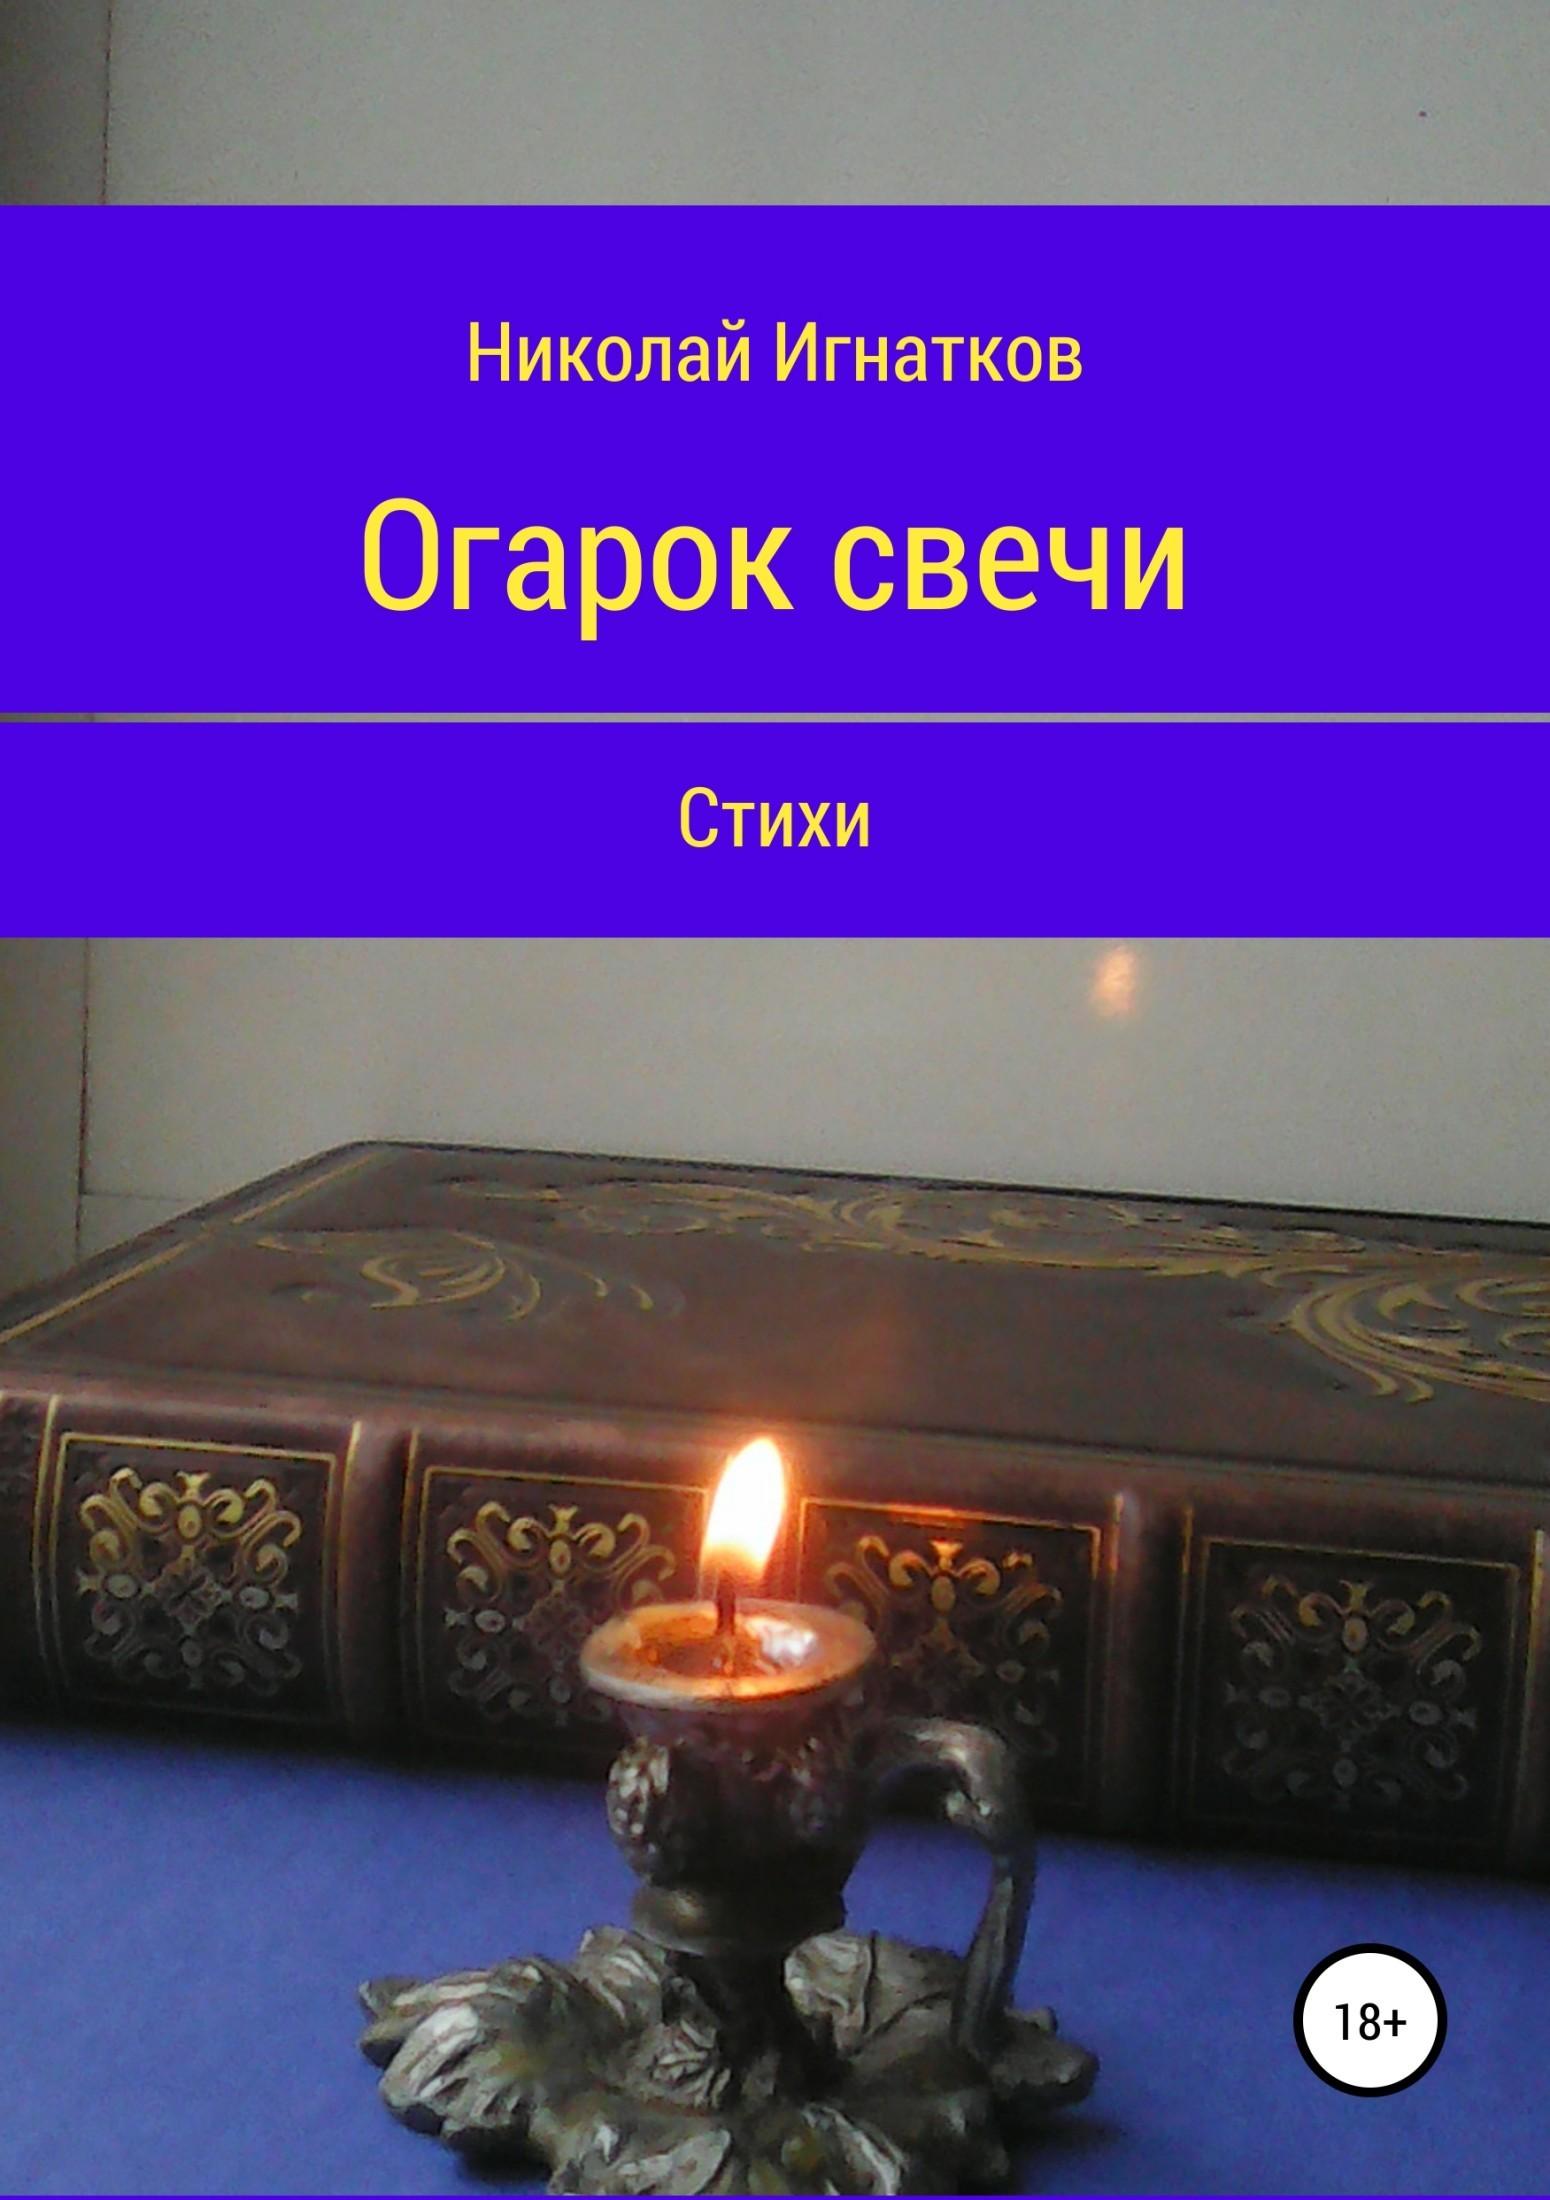 Николай Викторович Игнатков Огарок свечи. Книга стихотворений цена